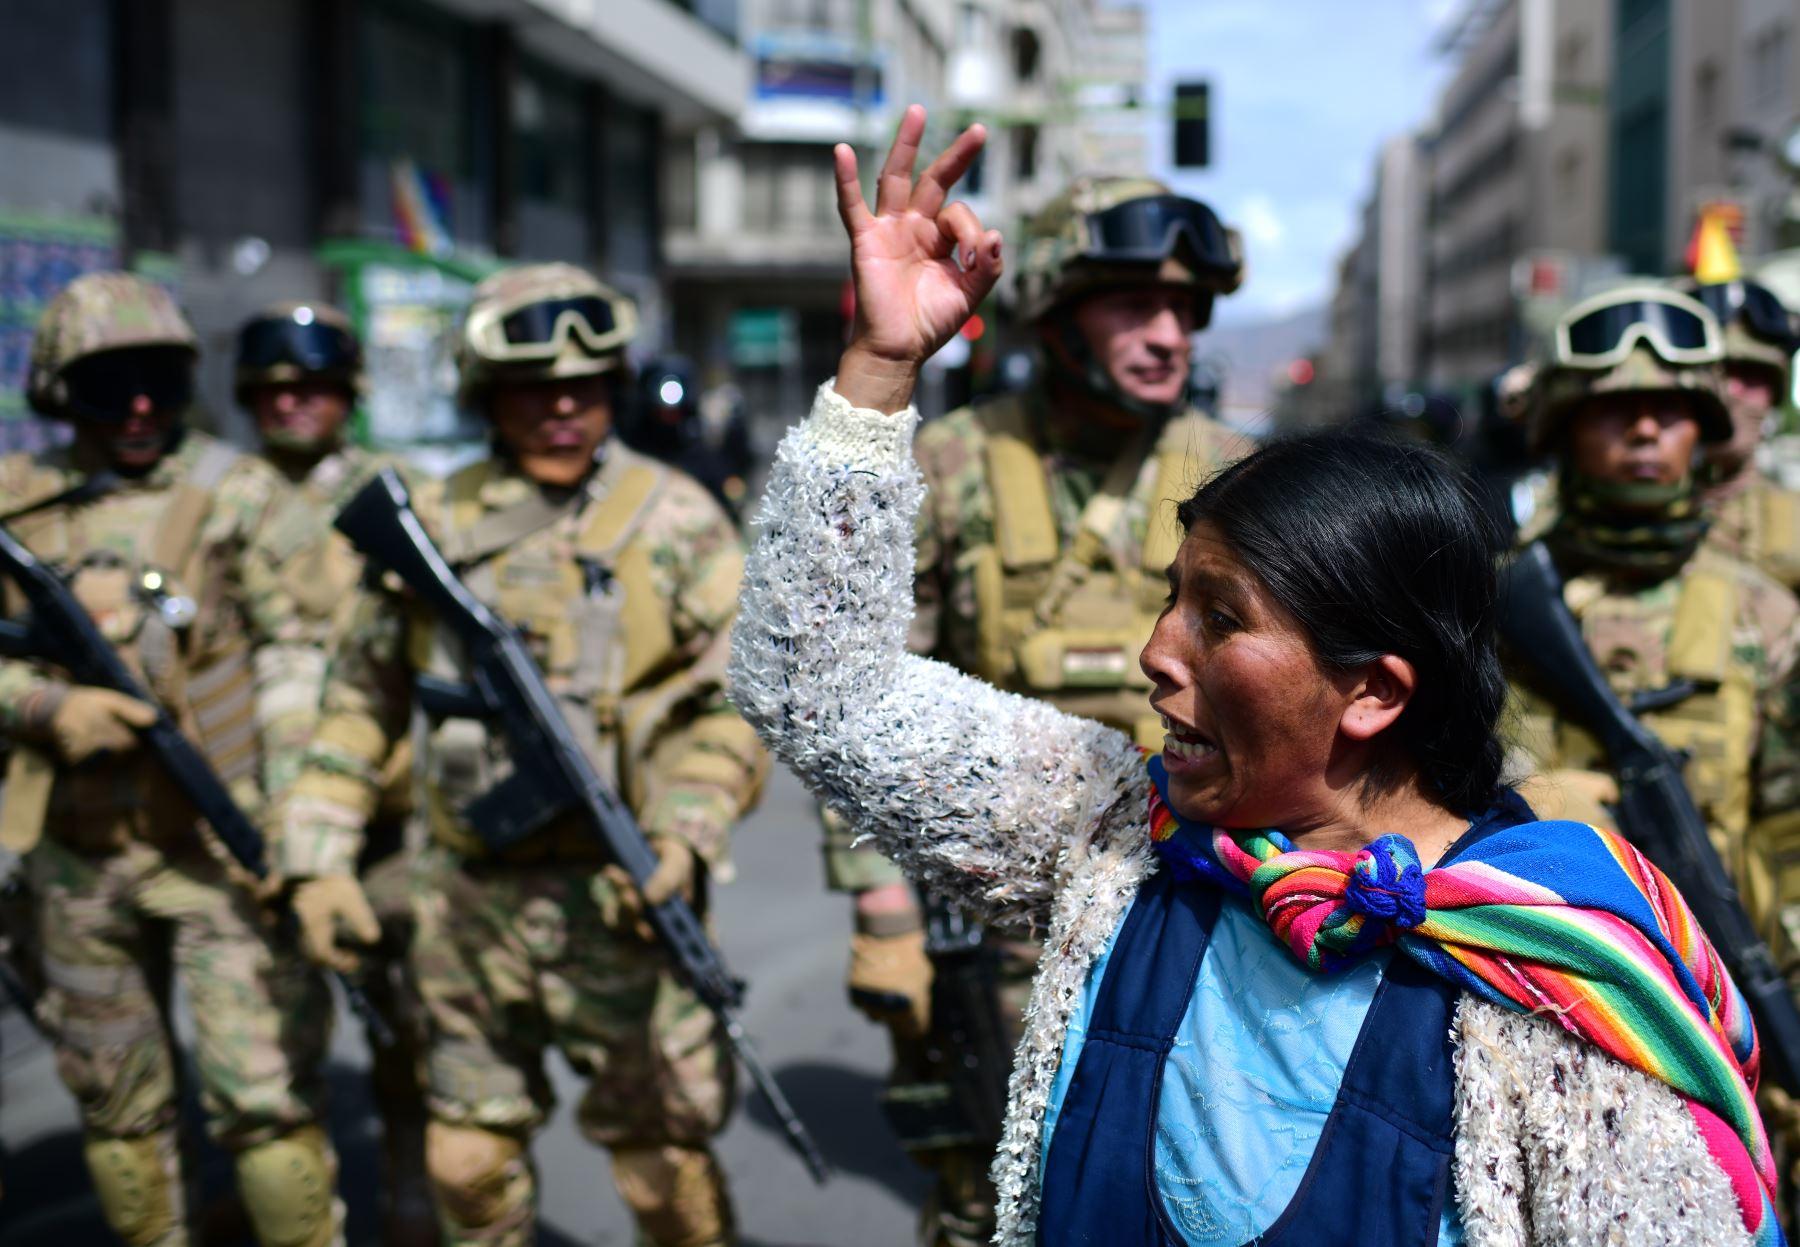 Una mujer boliviana, partidaria del ex presidente boliviano Evo Morales, protesta contra el gobierno interino en La Paz. Foto: AFP